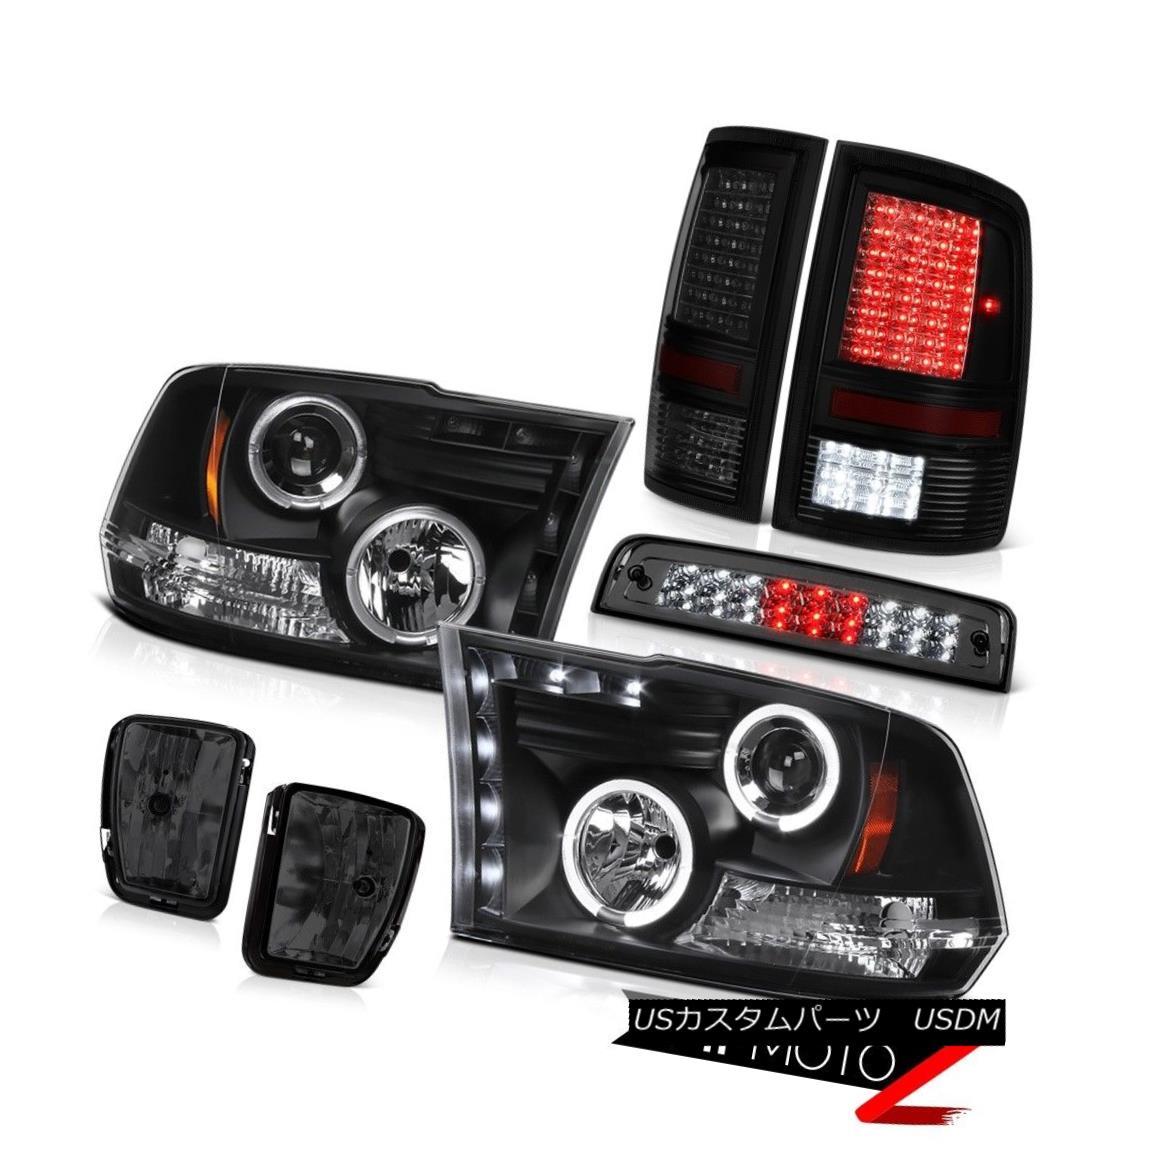 テールライト 13-18 Ram 1500 Big Horn Smokey Foglights Taillights 3RD Brake Light Headlamps 13-18ラム1500ビッグホーンスモーキーフォグライトテールライト3RDブレーキライトヘッドランプ